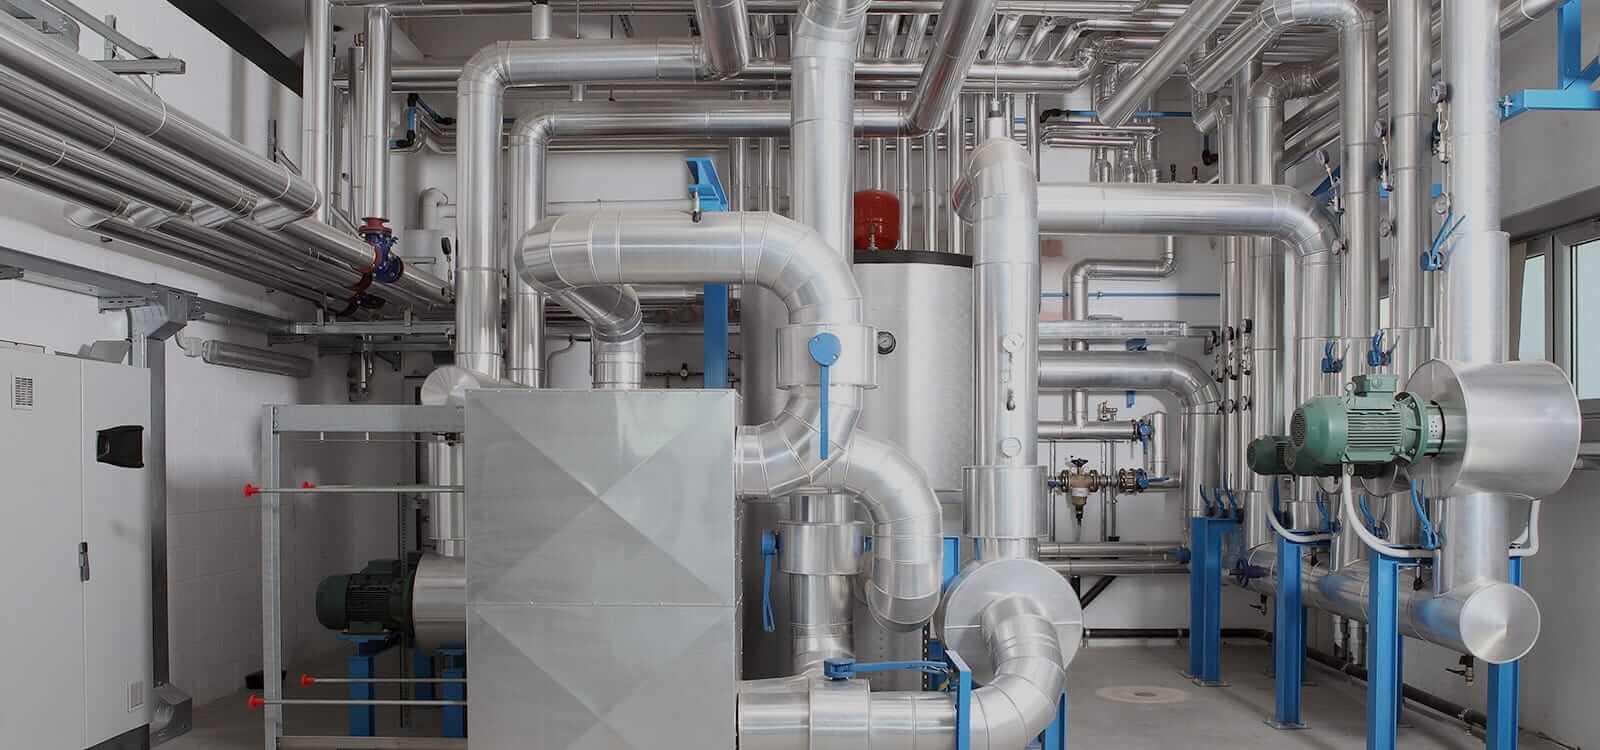 Một phần hệ thống HVAC